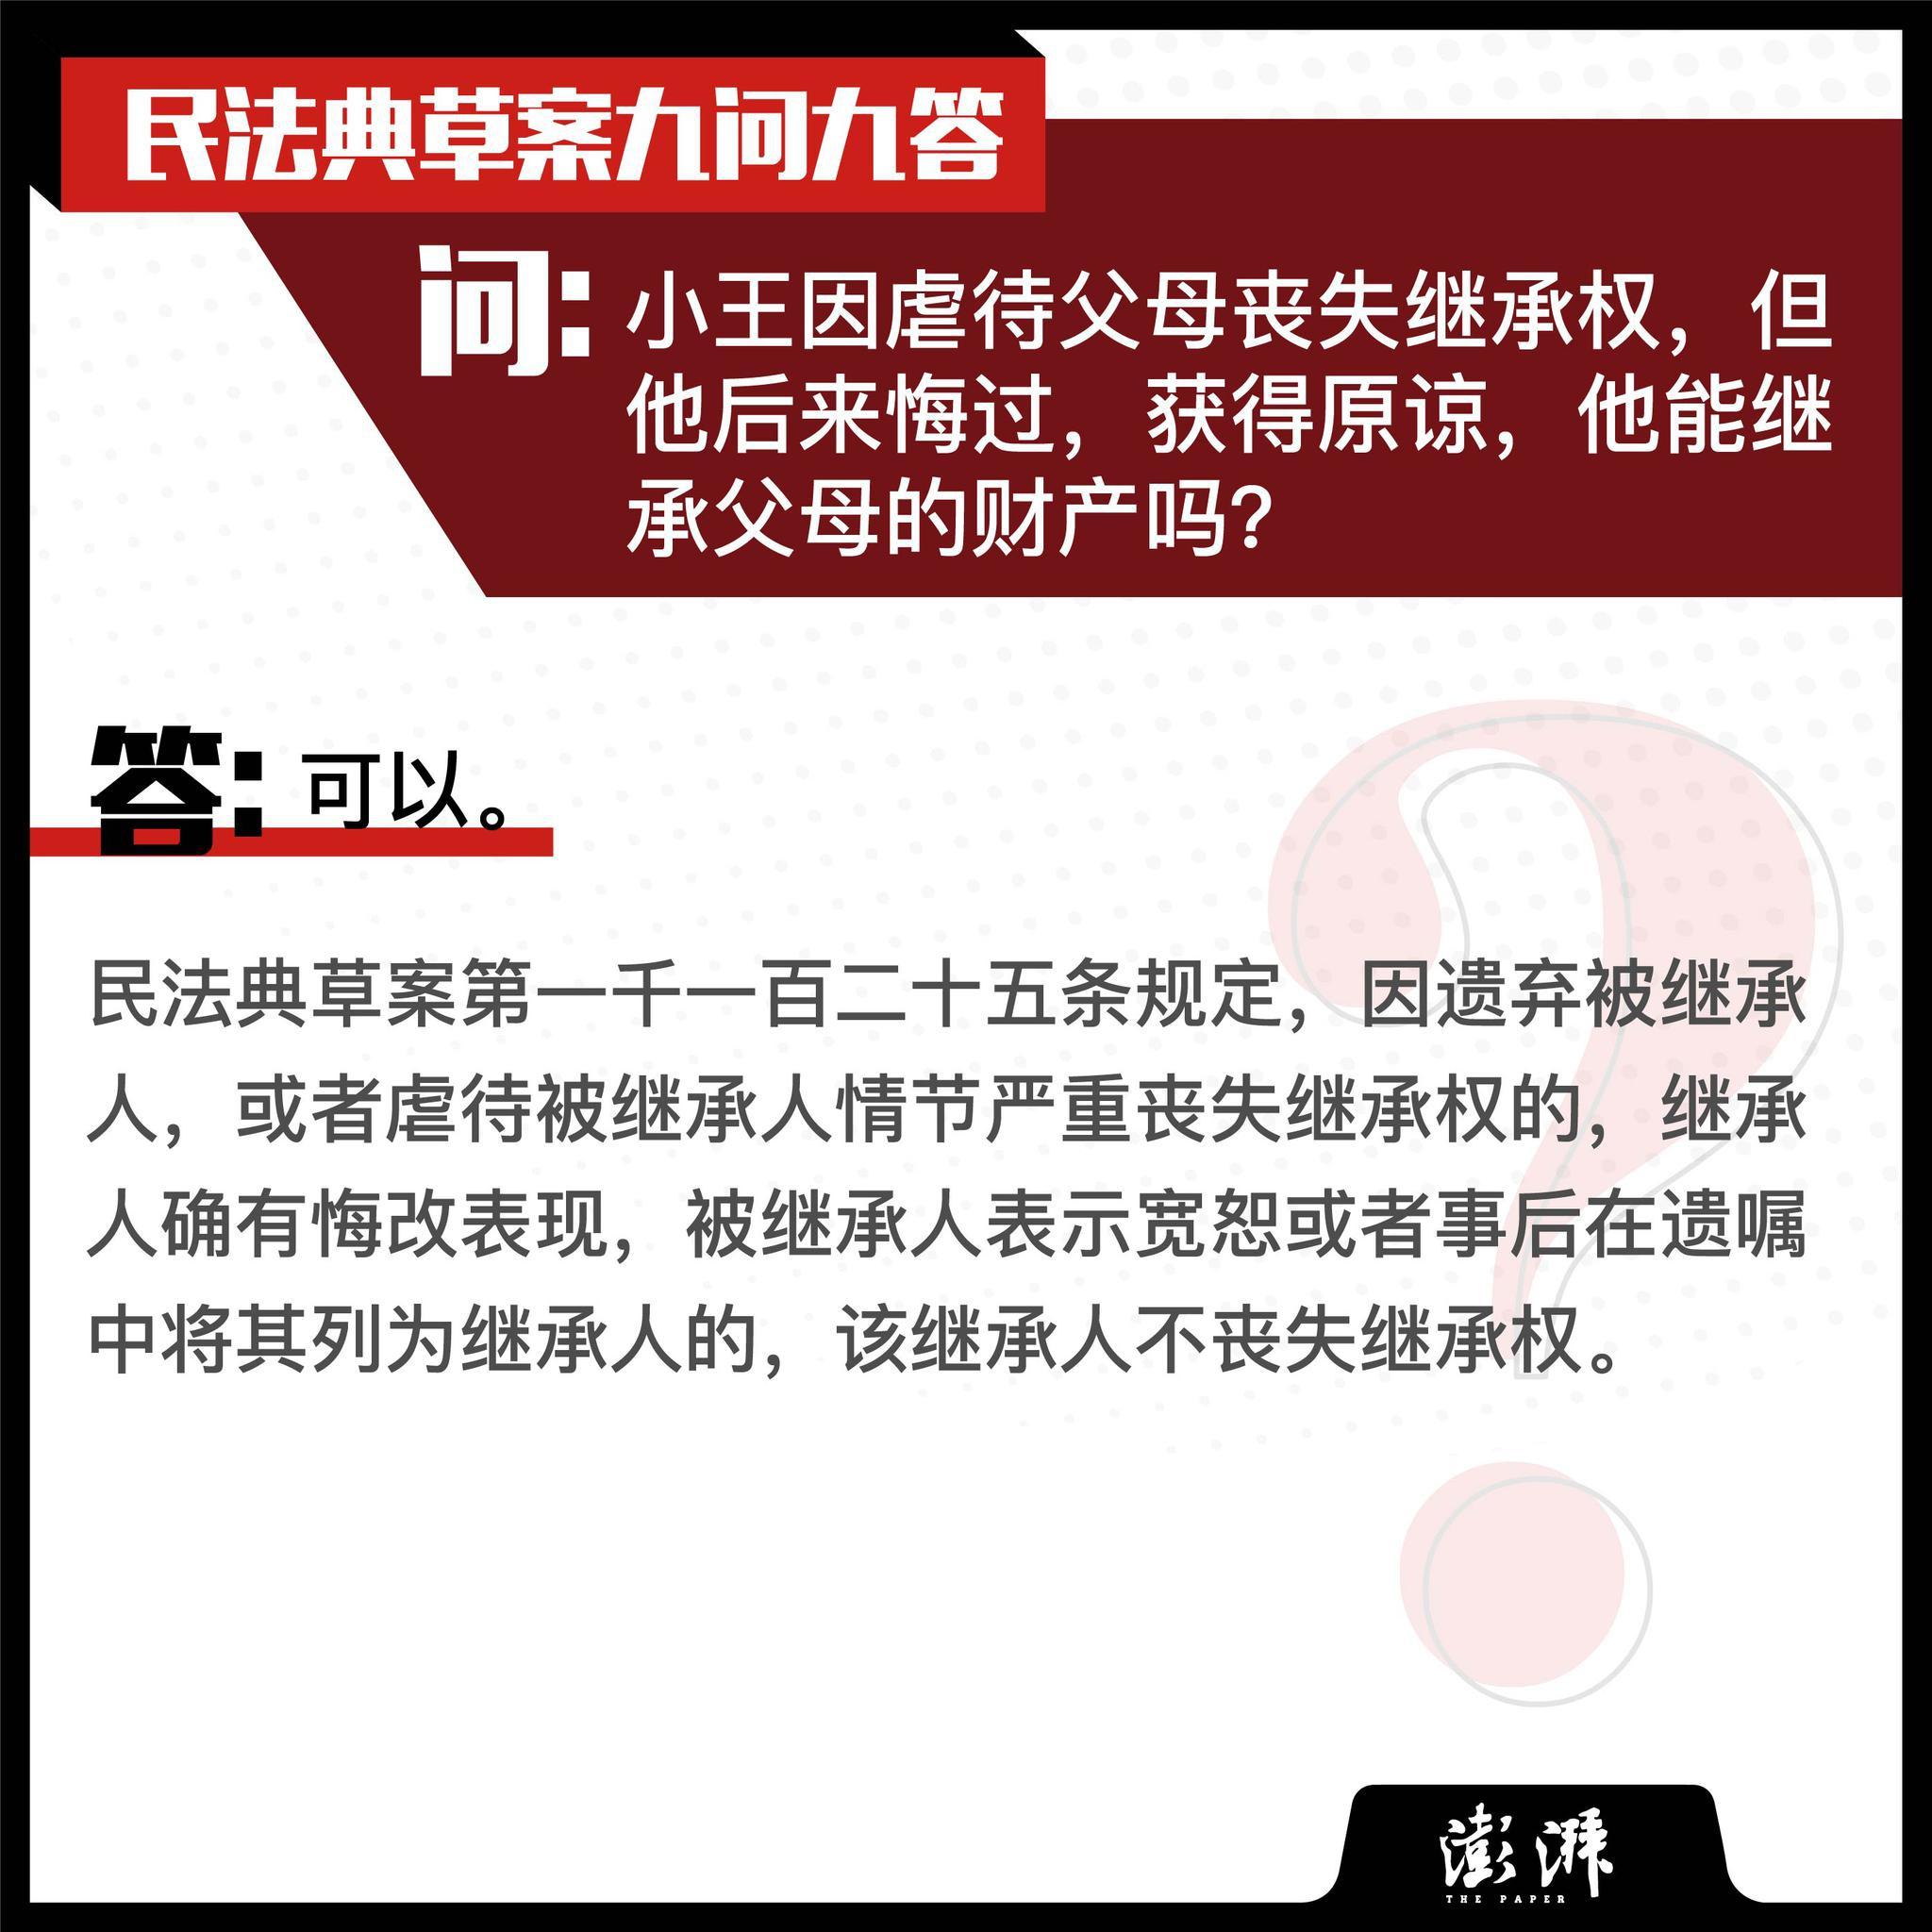 武汉:形成三级分层防护体系